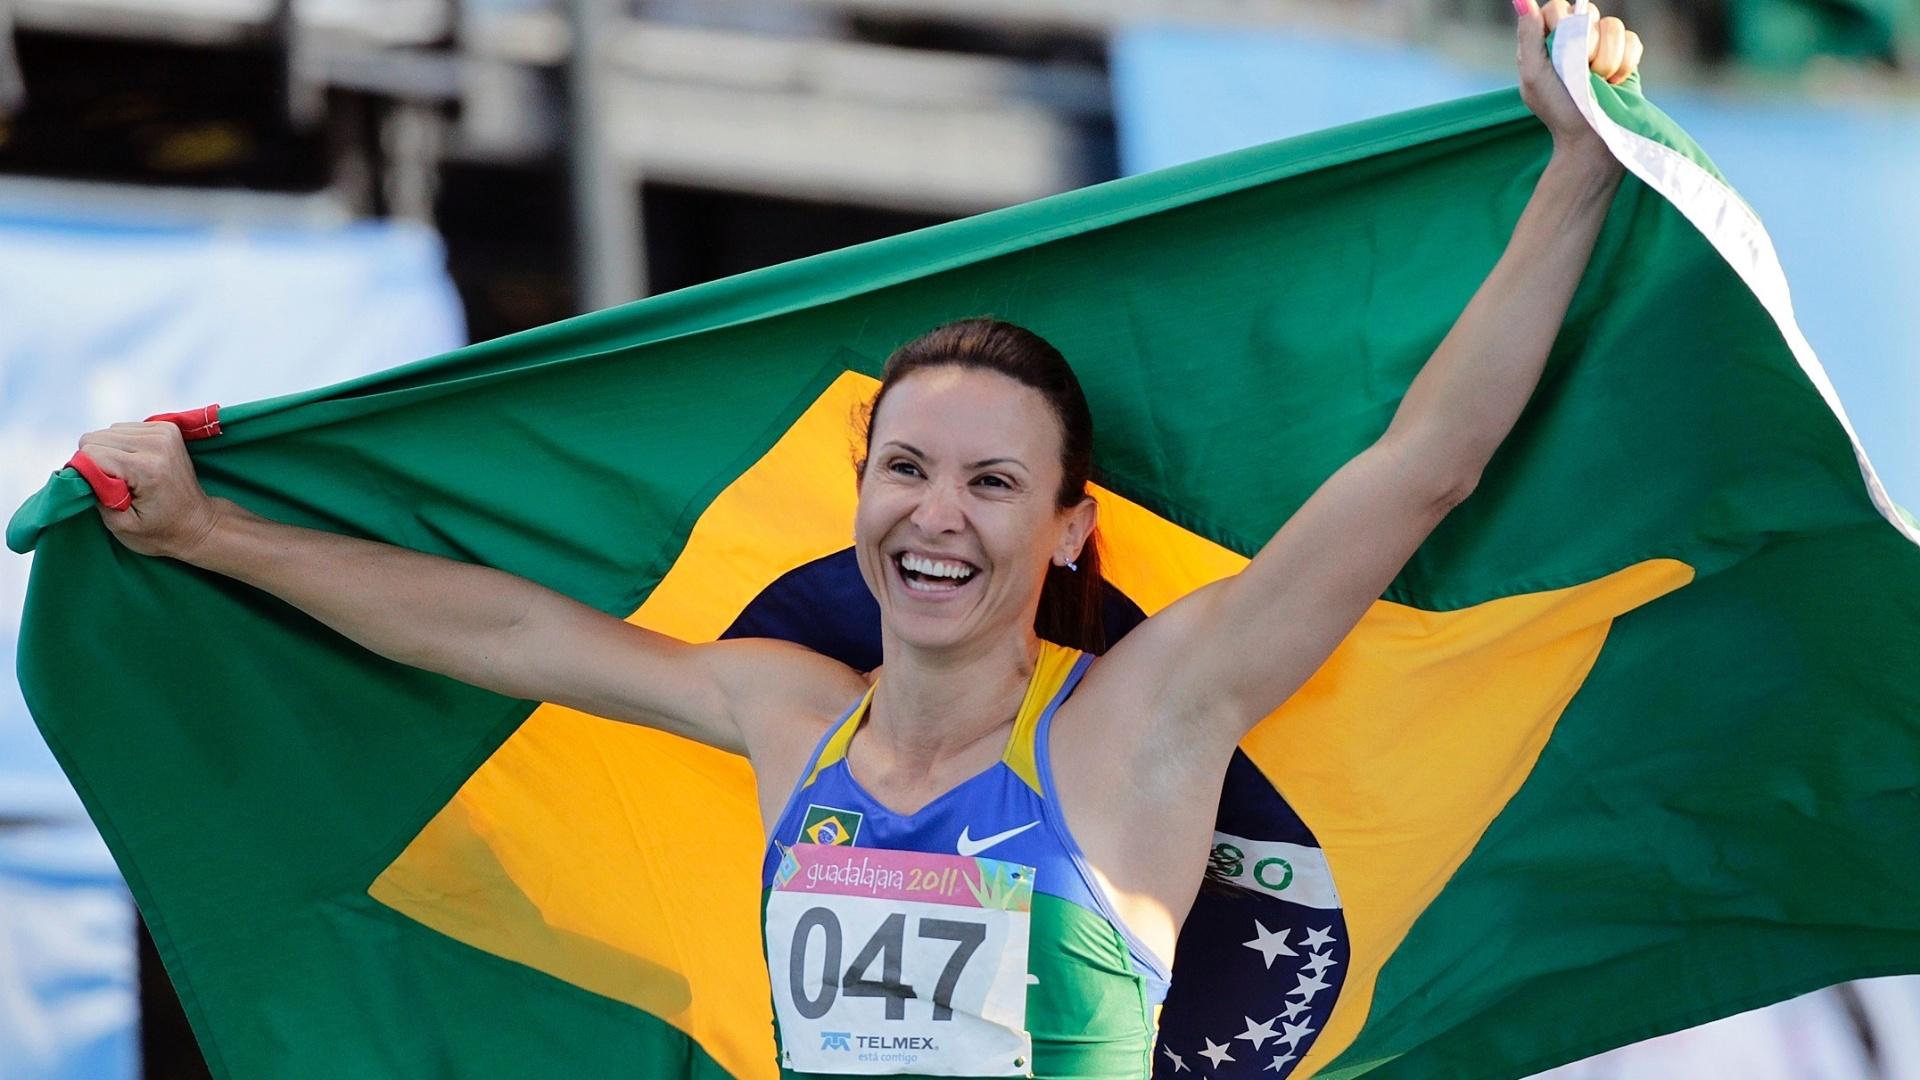 Maurren Maggi comemora ao conquistar a medalha de ouro nos Jogos Pan-Americanos de Guadalajara